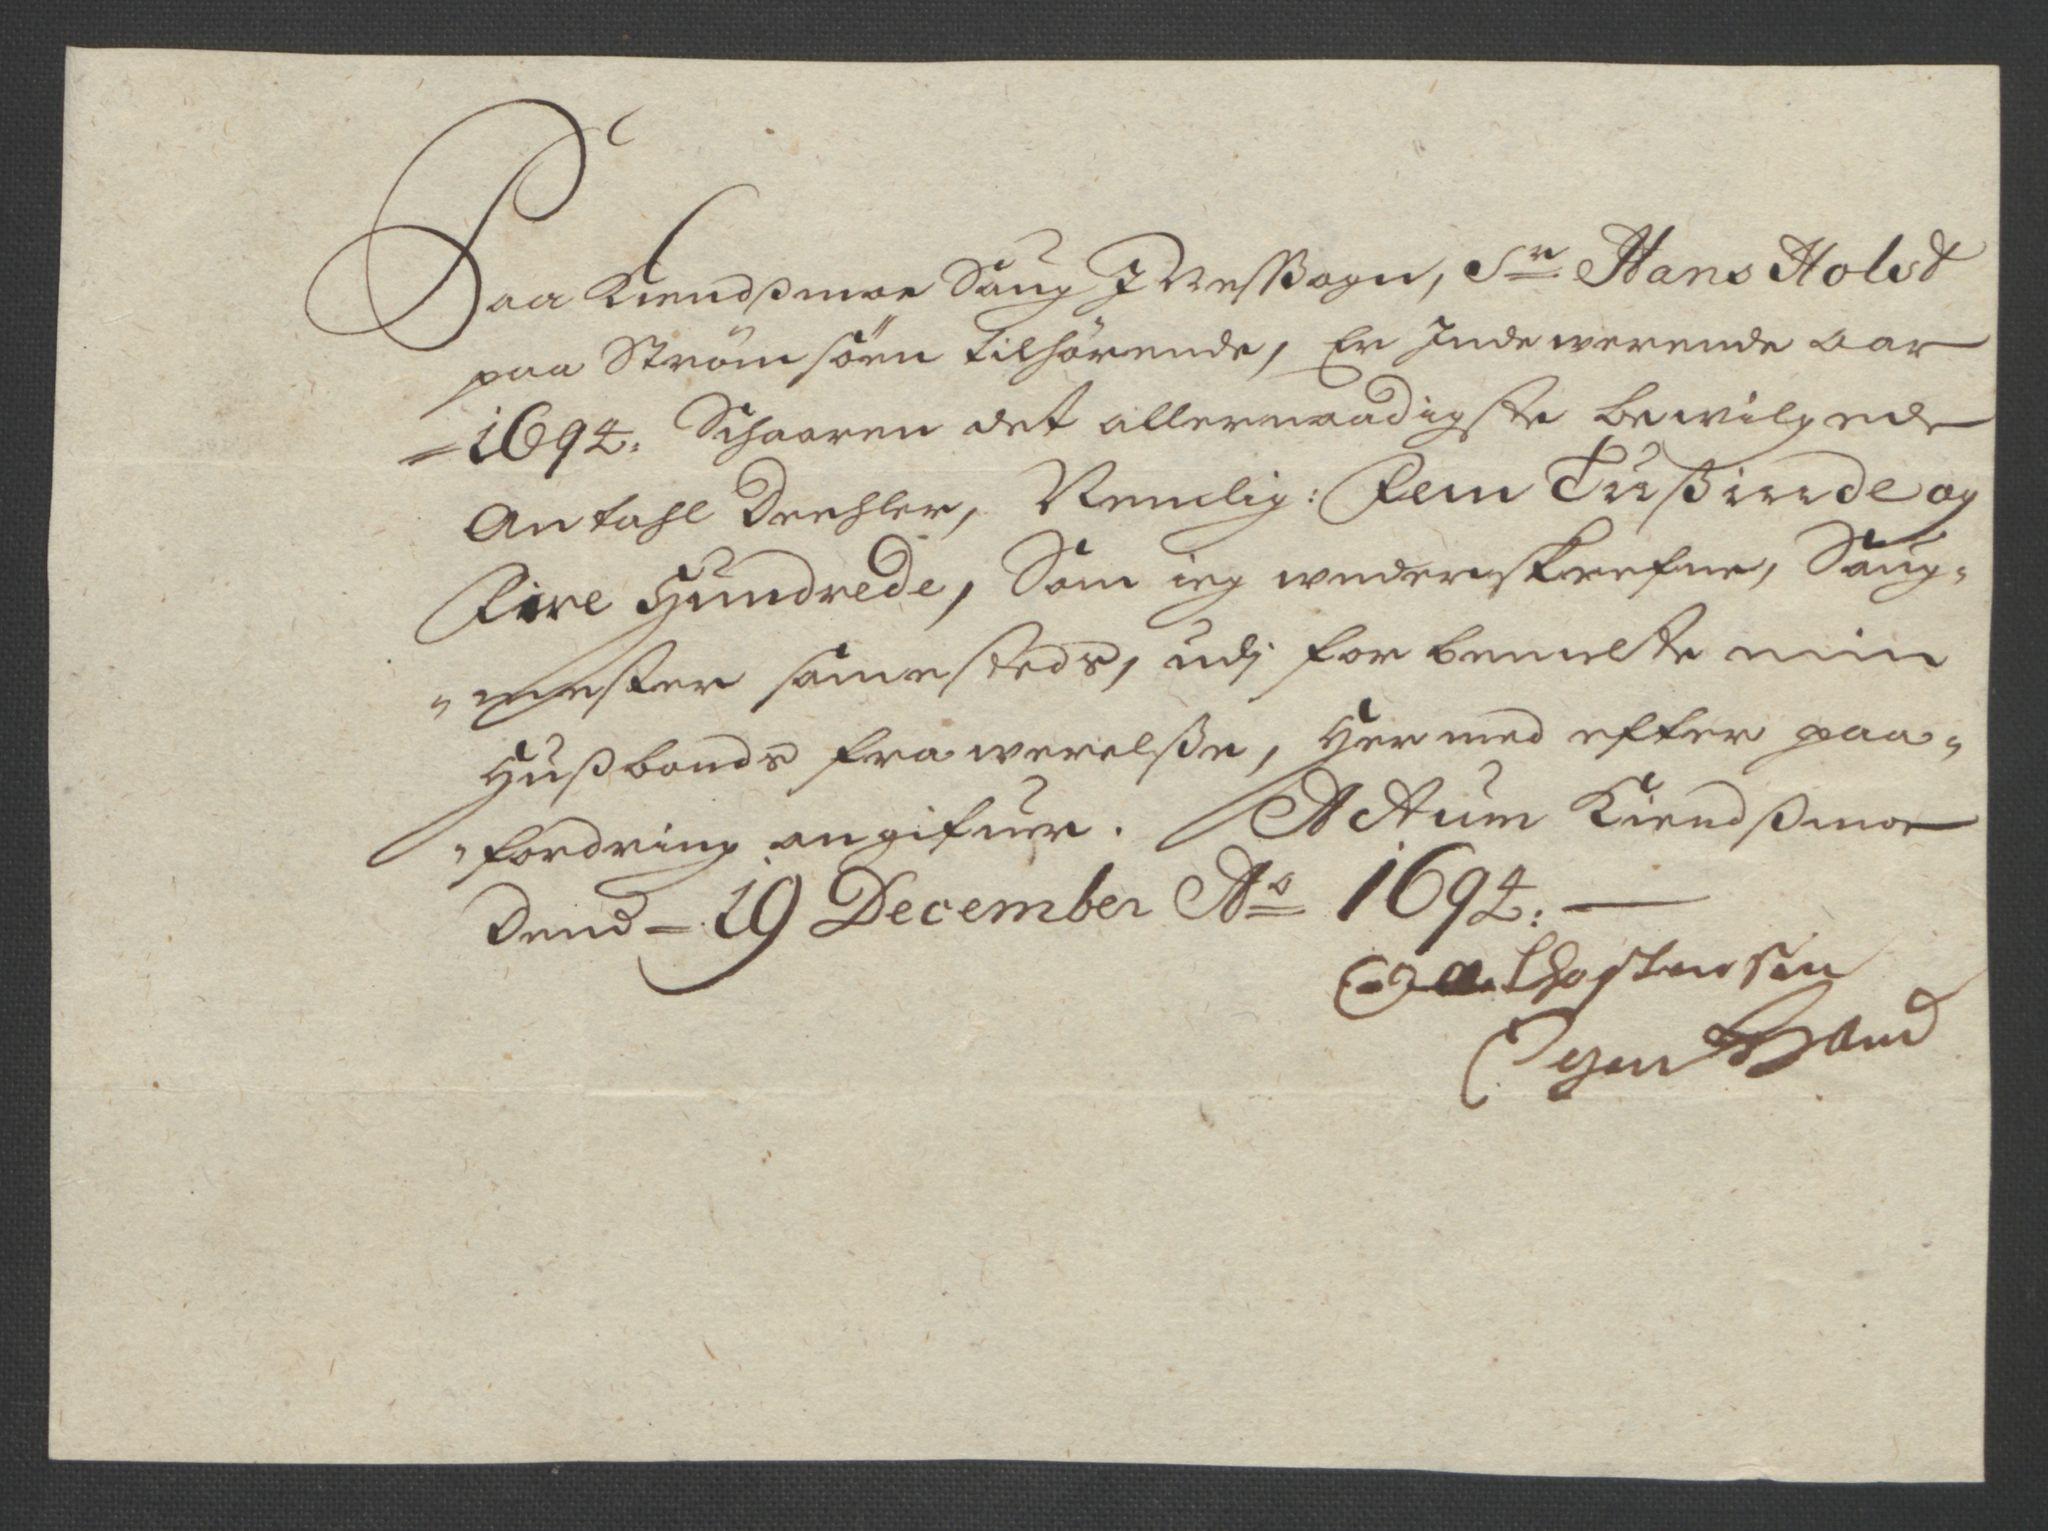 RA, Rentekammeret inntil 1814, Reviderte regnskaper, Fogderegnskap, R12/L0706: Fogderegnskap Øvre Romerike, 1694, s. 247